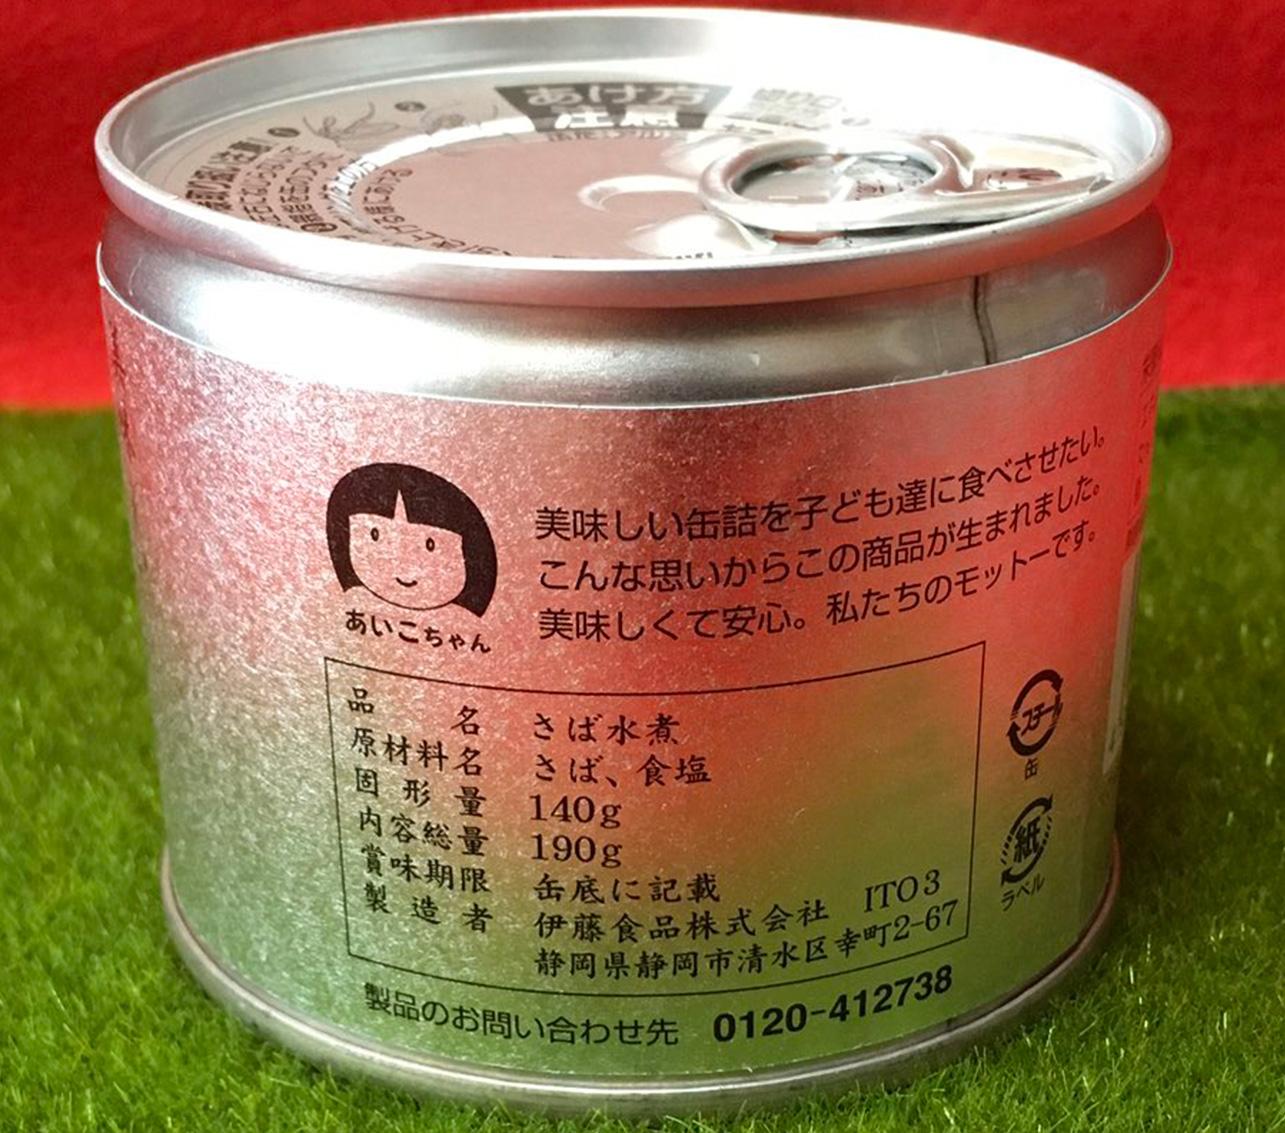 伊藤食品「美味しい 鯖水煮」(銀の缶)